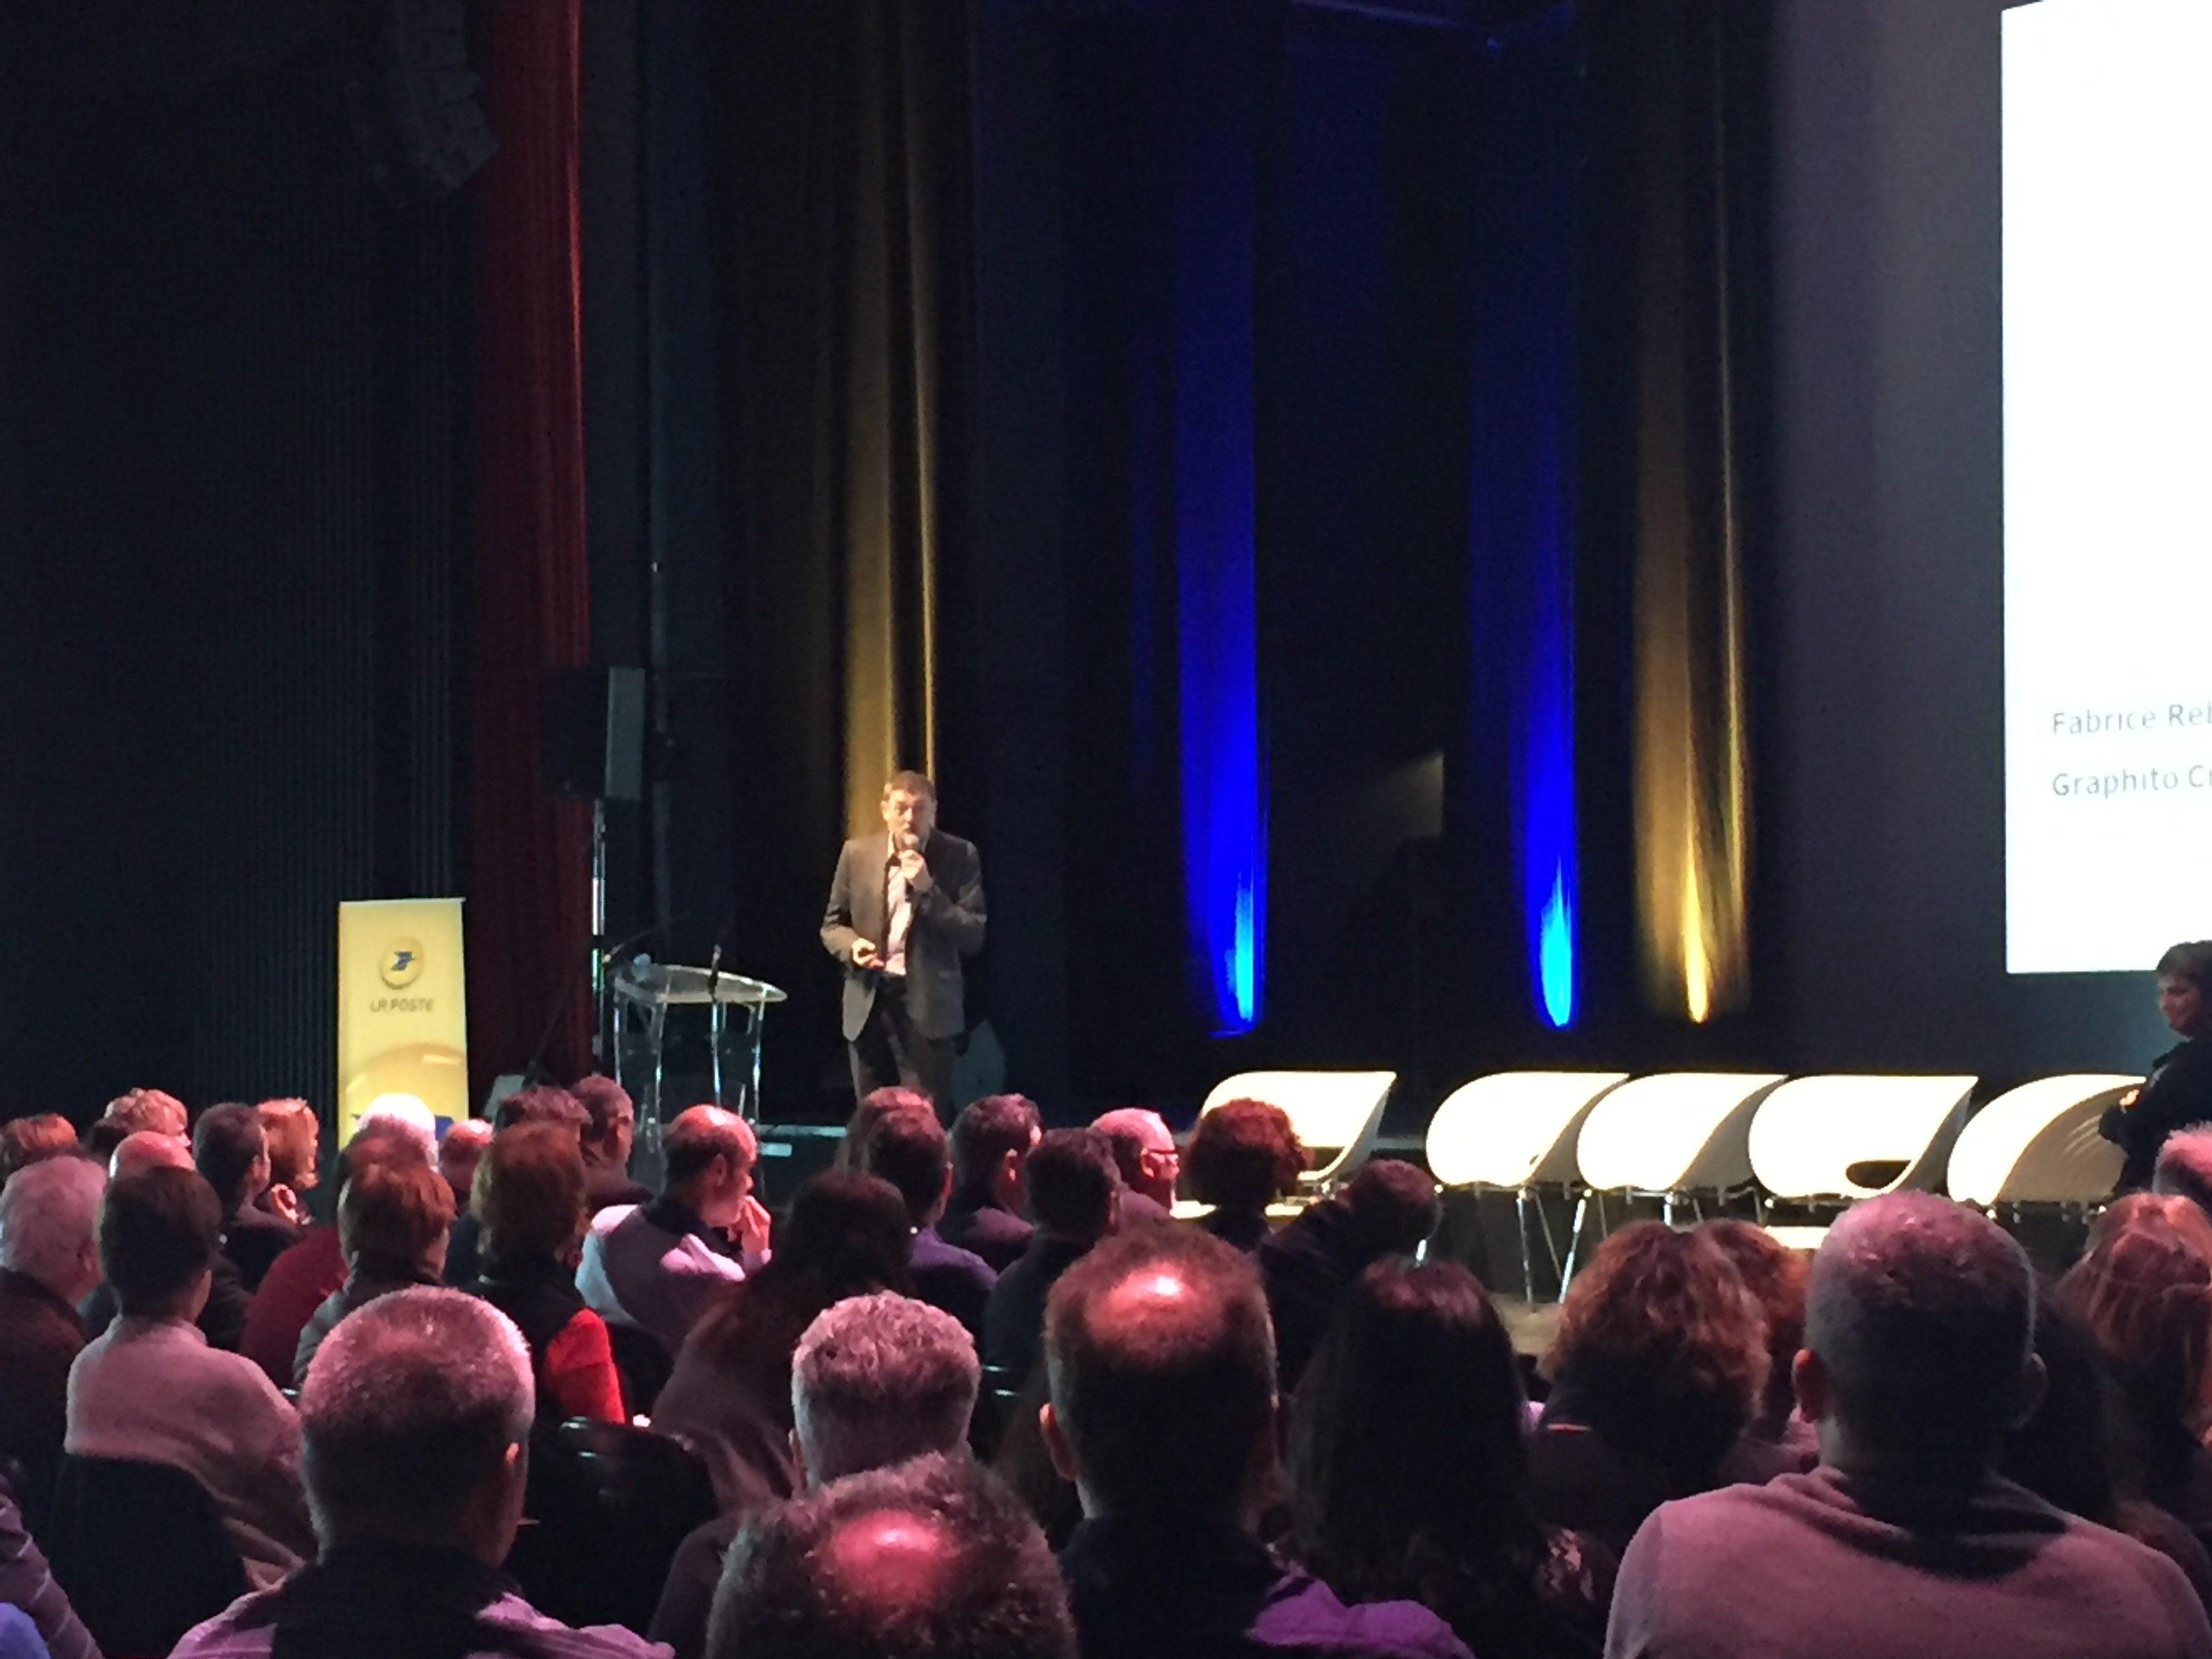 Fabrice Reboullet en reprensentation lors d'une conference pour le groupe La Poste